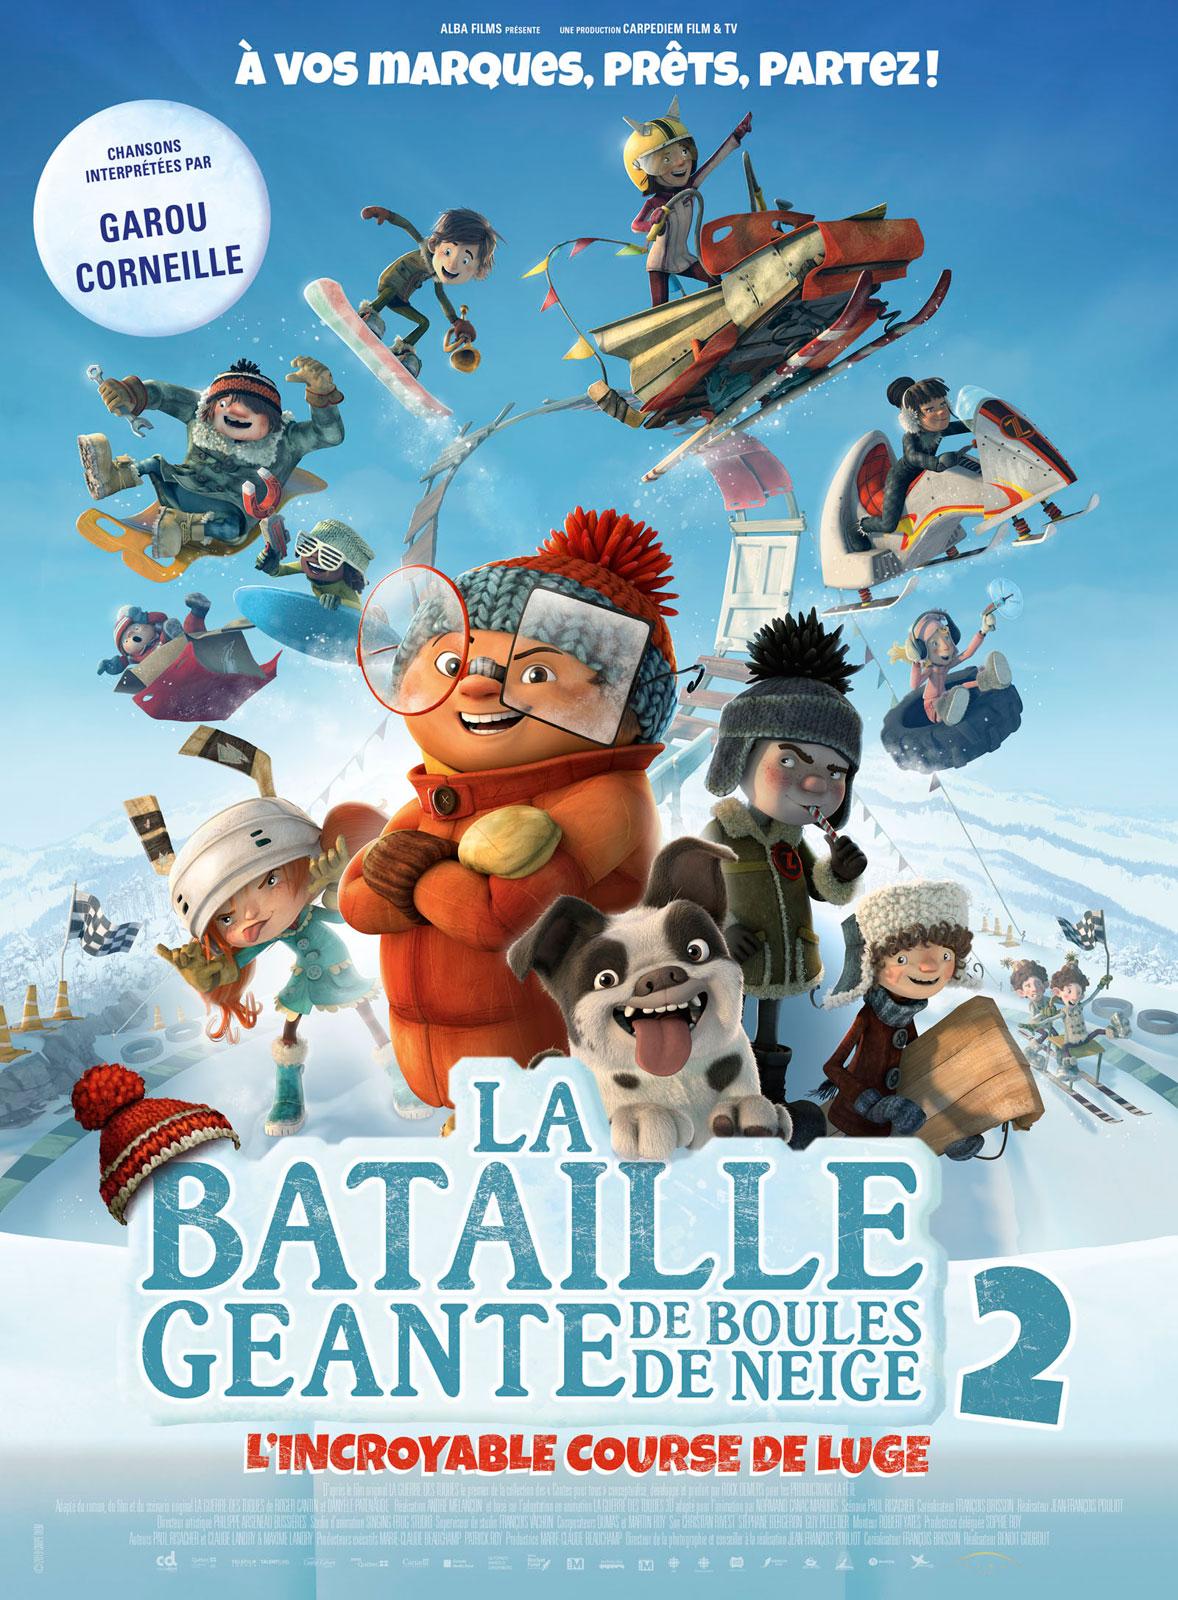 Affiche du film La Bataille géante de boules de neige 2, l'incroyable course de luge